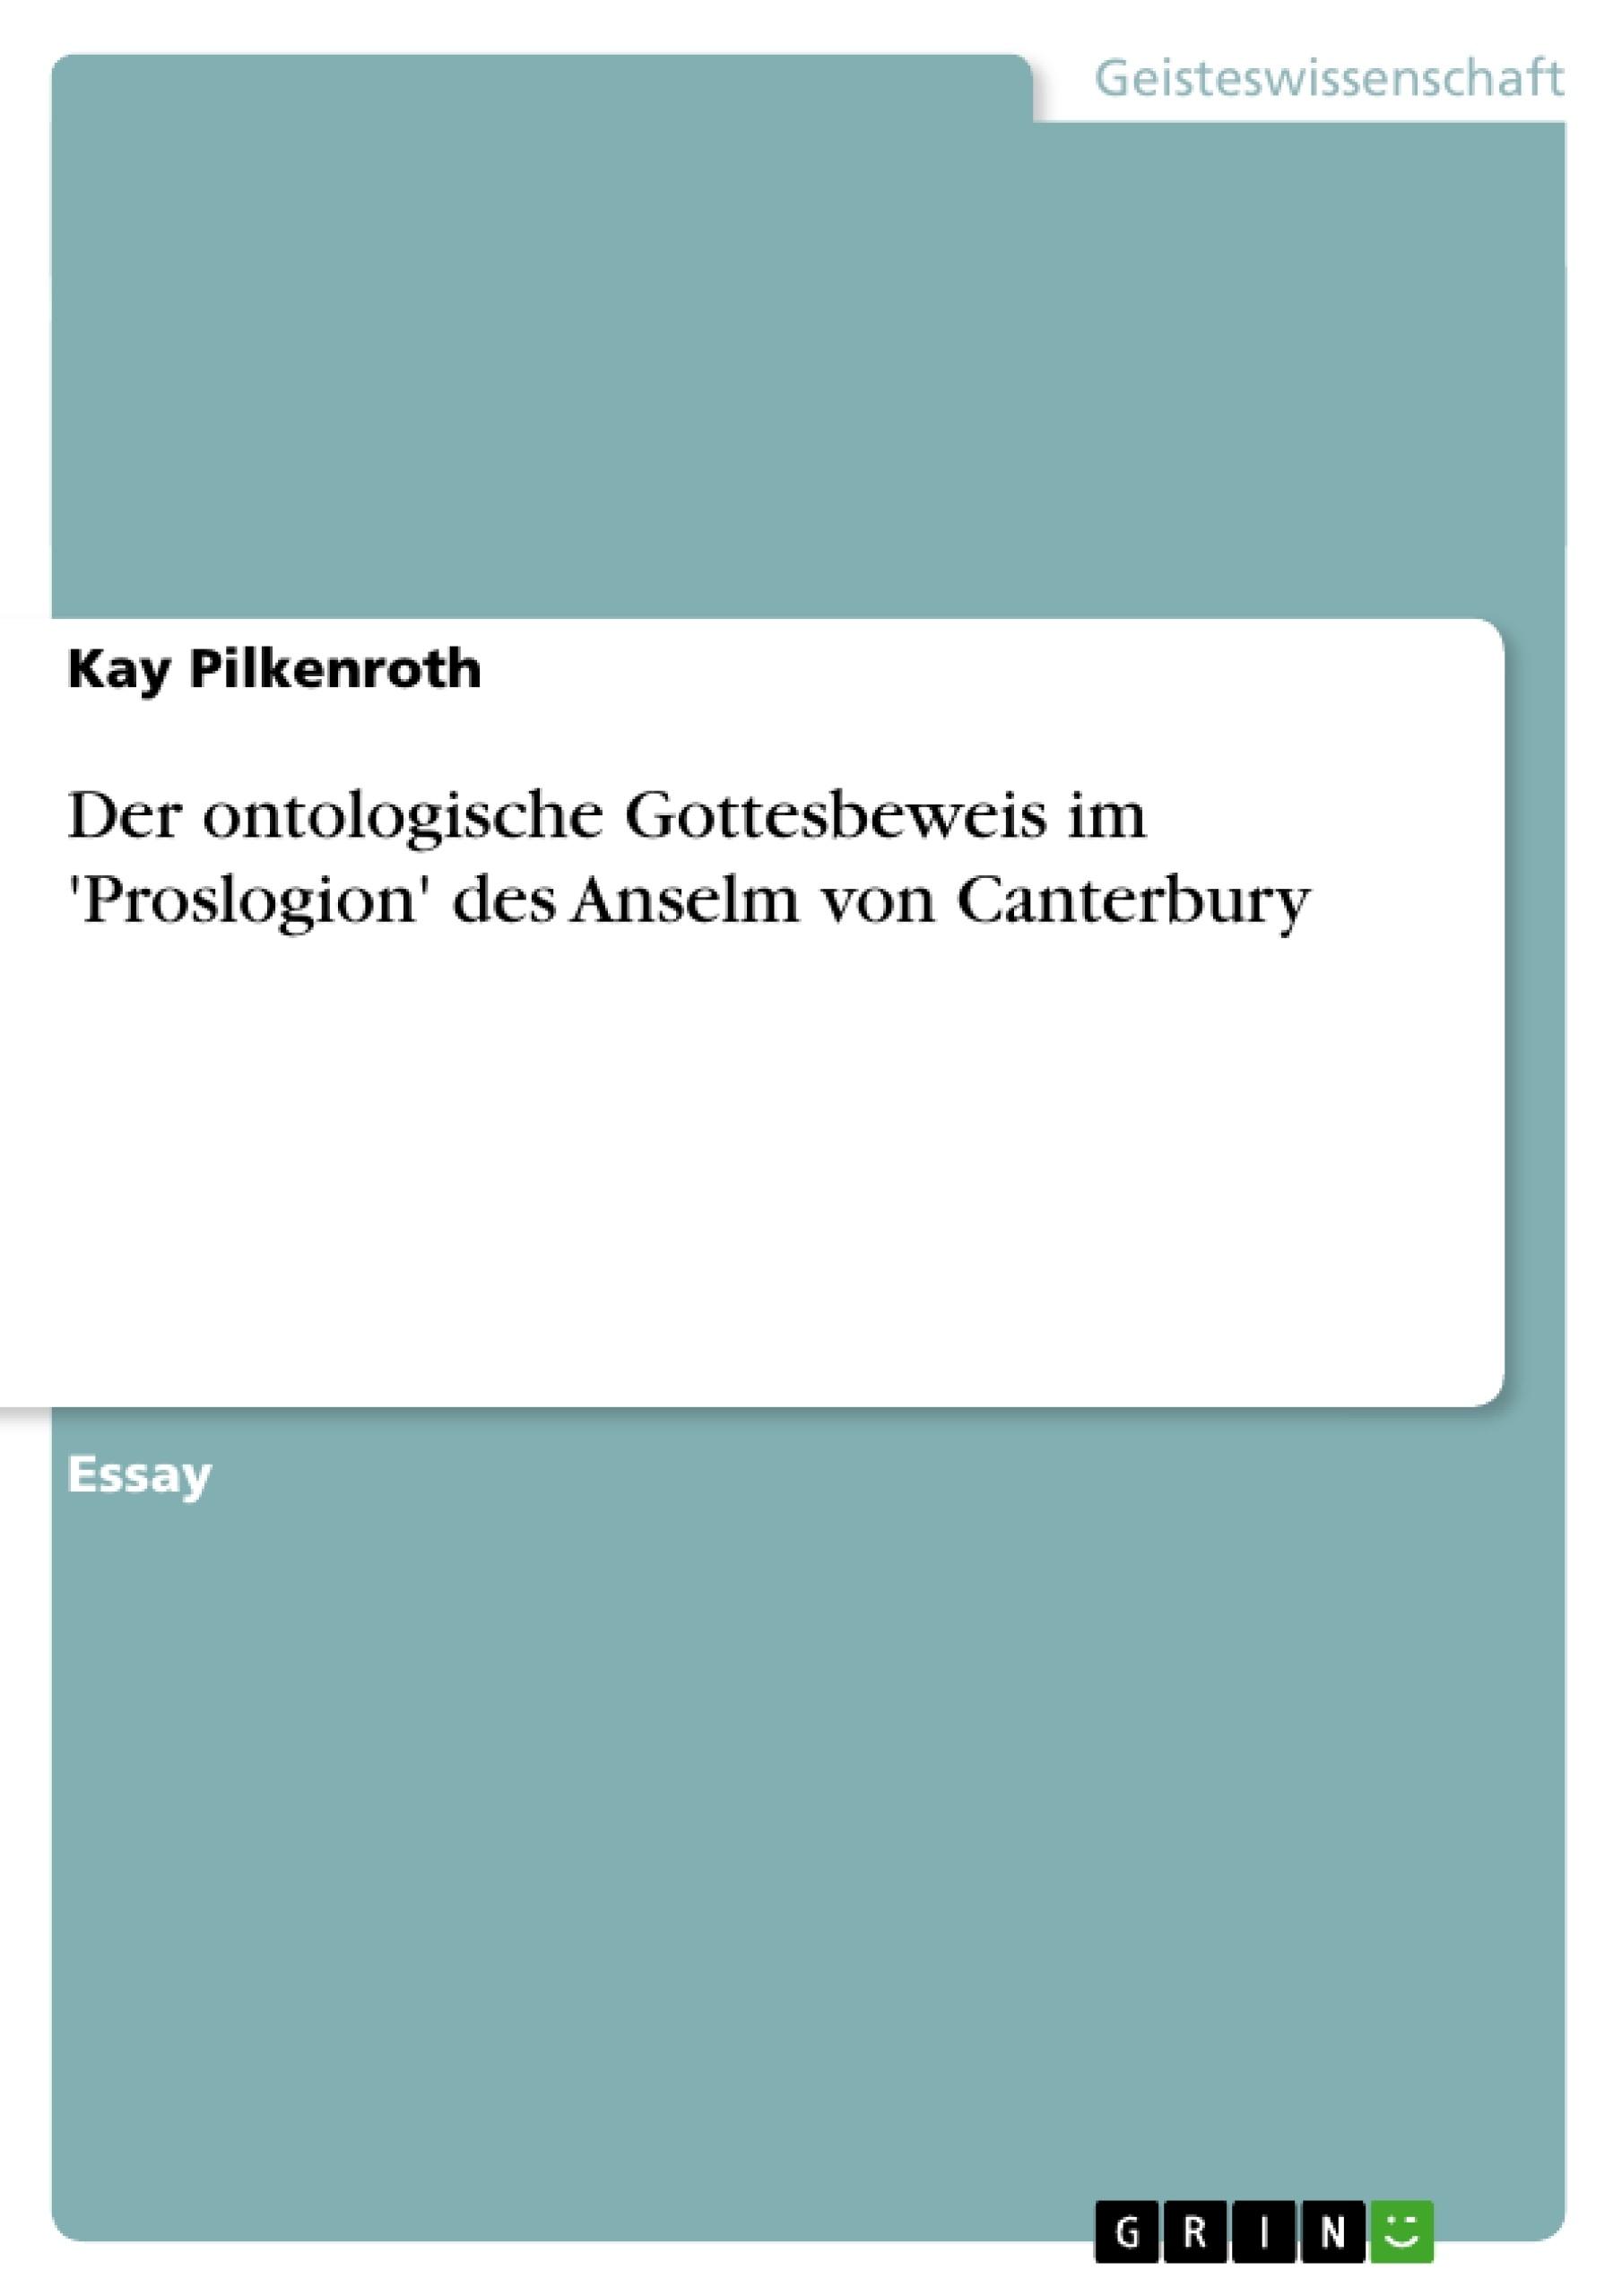 Titel: Der ontologische Gottesbeweis im 'Proslogion' des Anselm von Canterbury